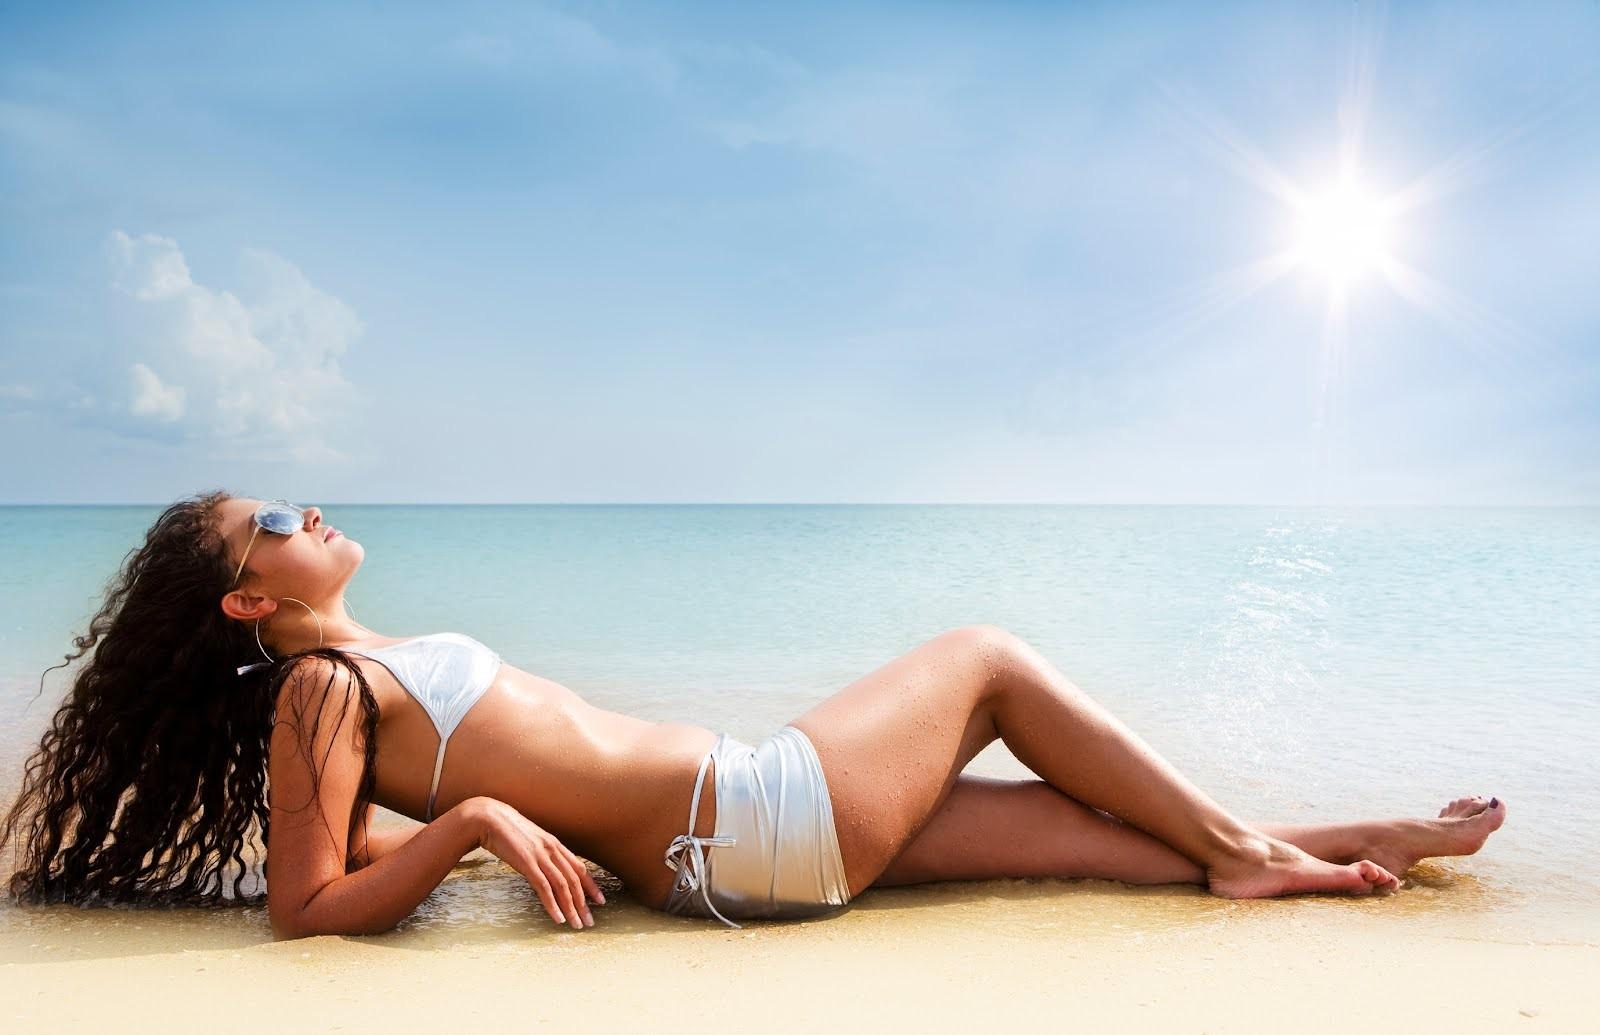 Tanorexia, la adicción al sol: cuando la obsesión quema